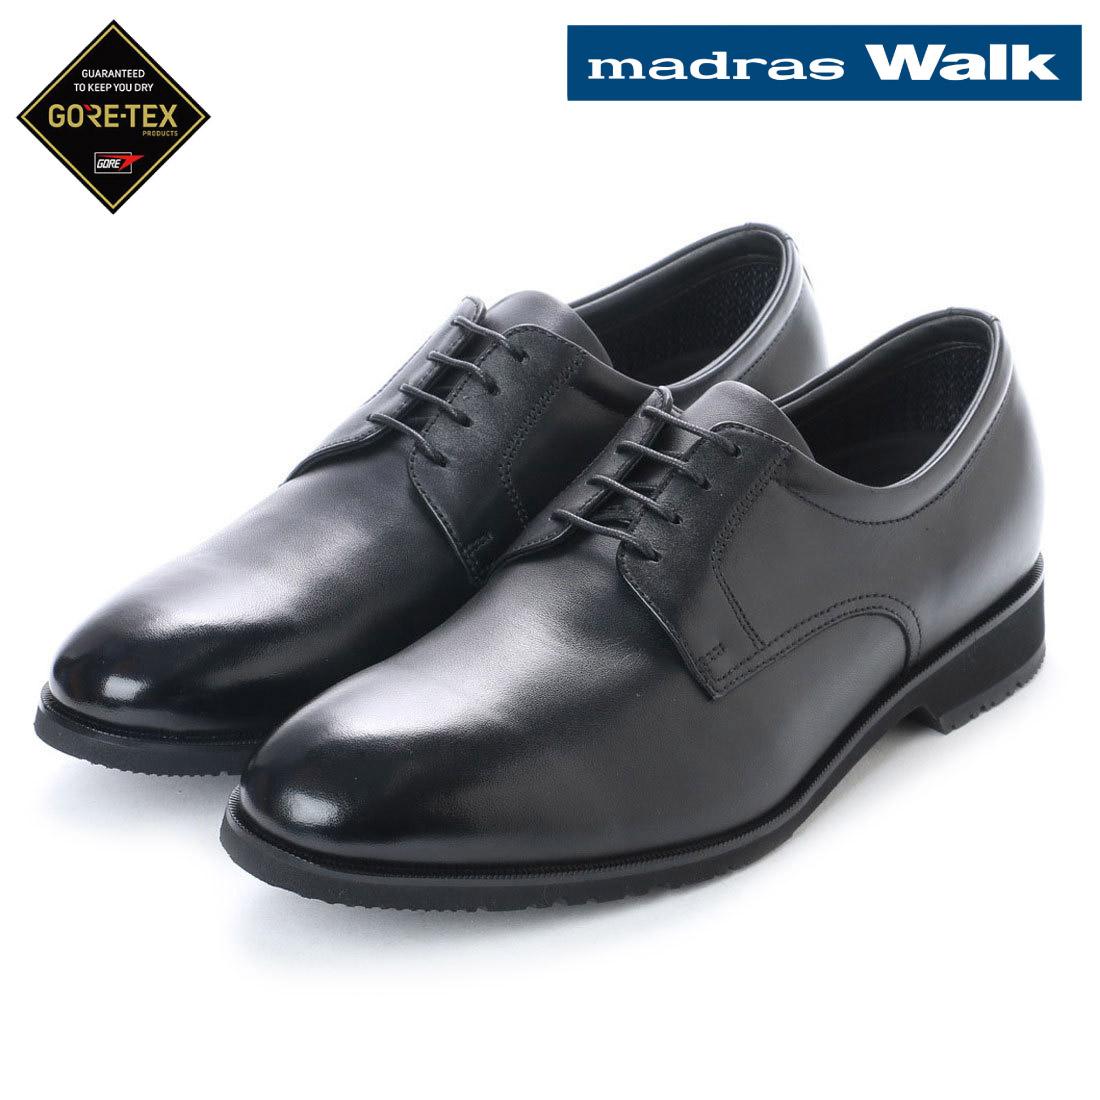 madras Walk マドラス プレーントゥ ビジネス シューズ ゴアテックス MW8002 防水 【nesh】 【新品】